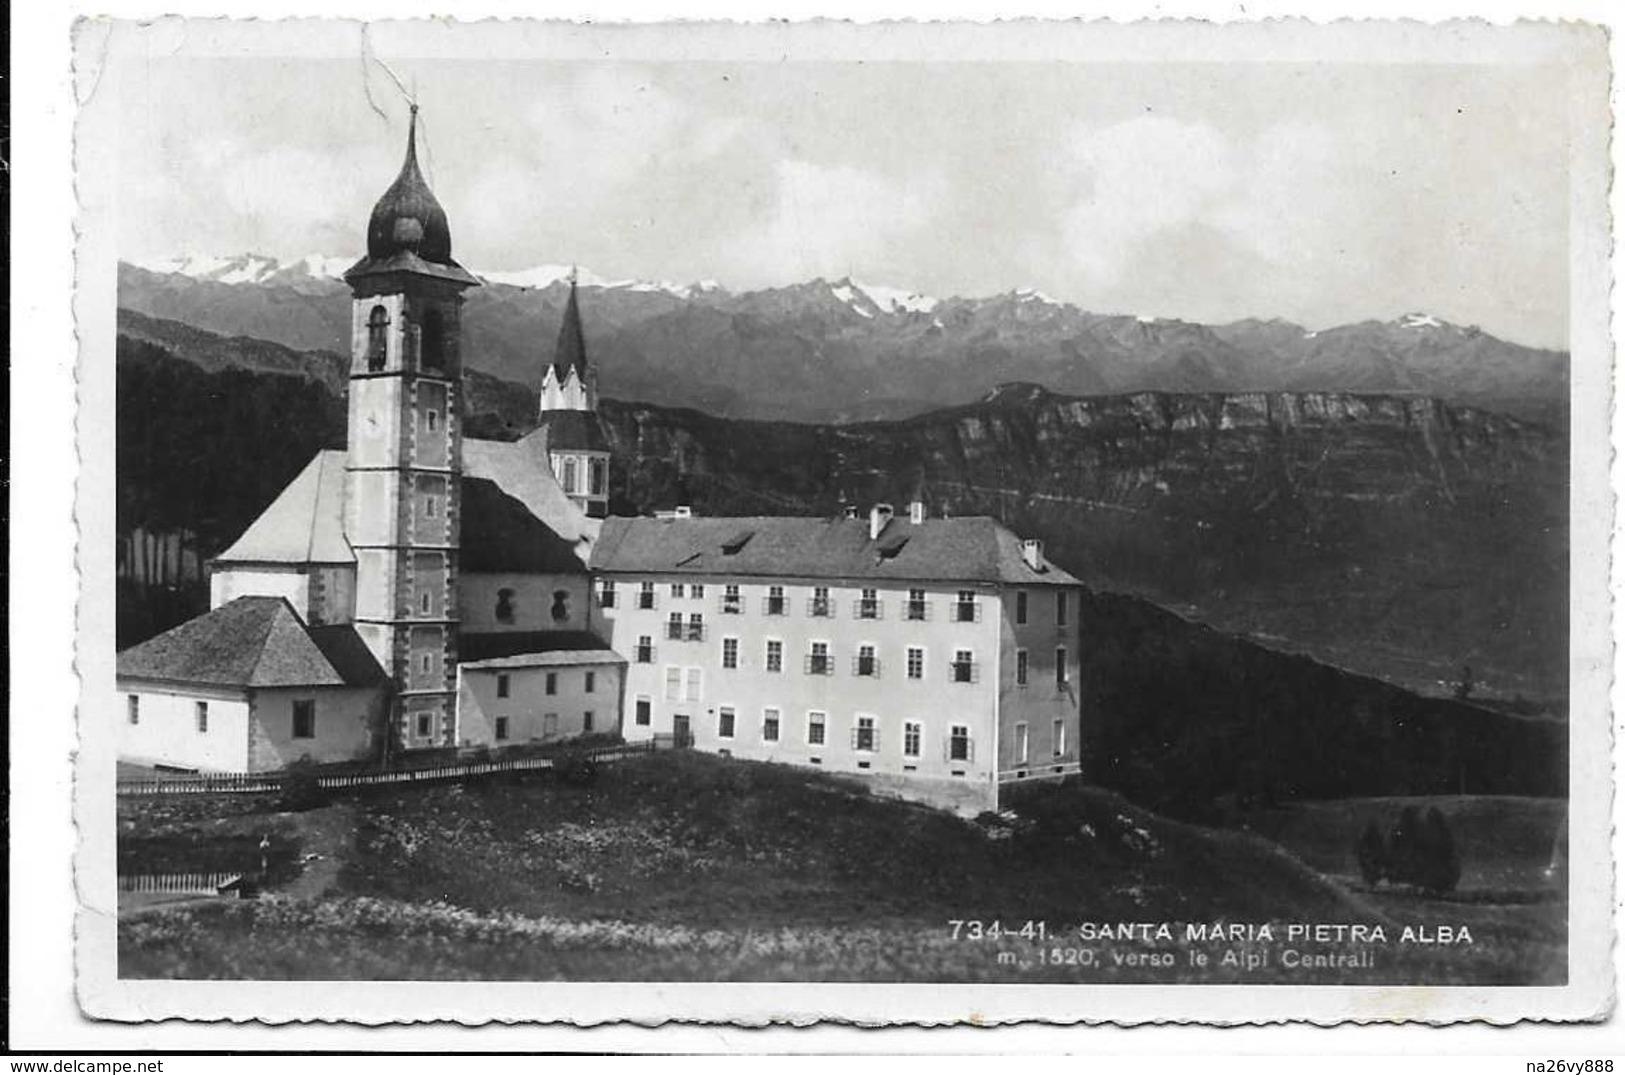 Santa Maria Pietra Alba (Bolzano). - Bolzano